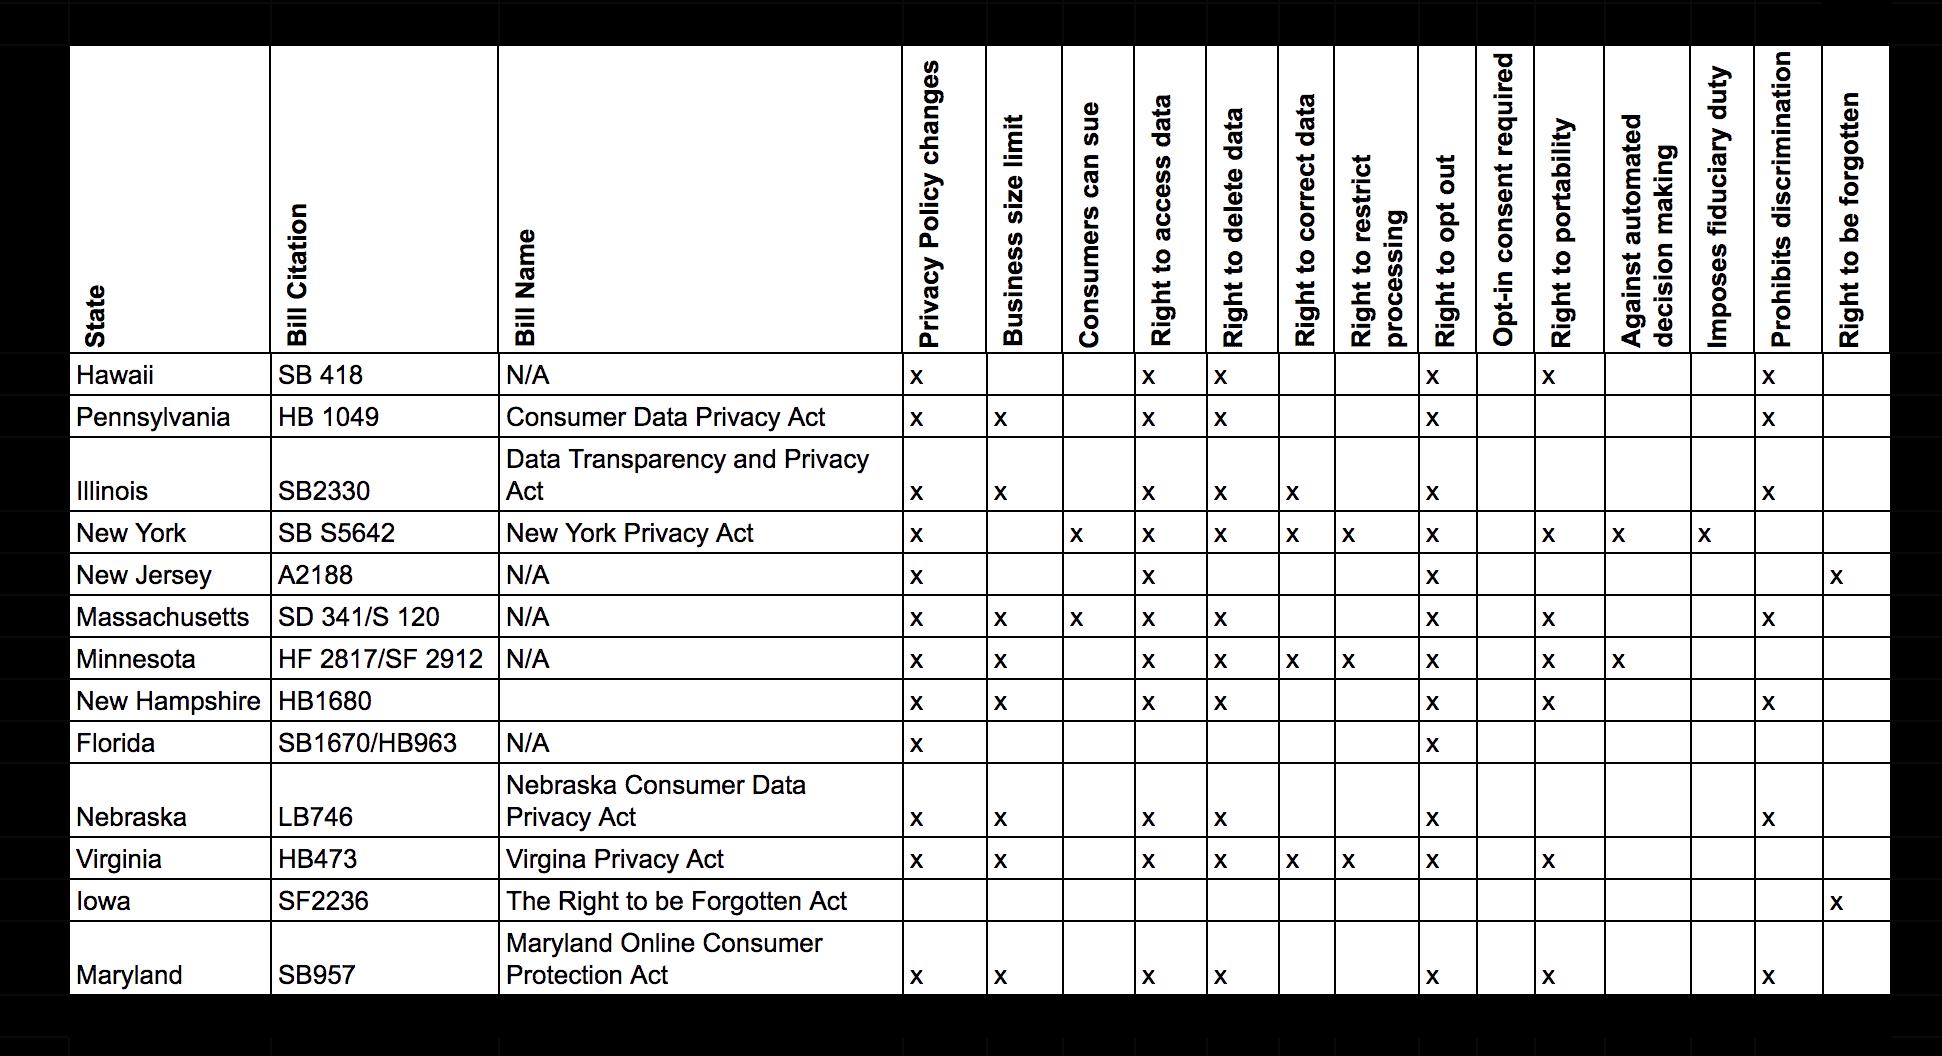 Termageddon privacy bill tracker